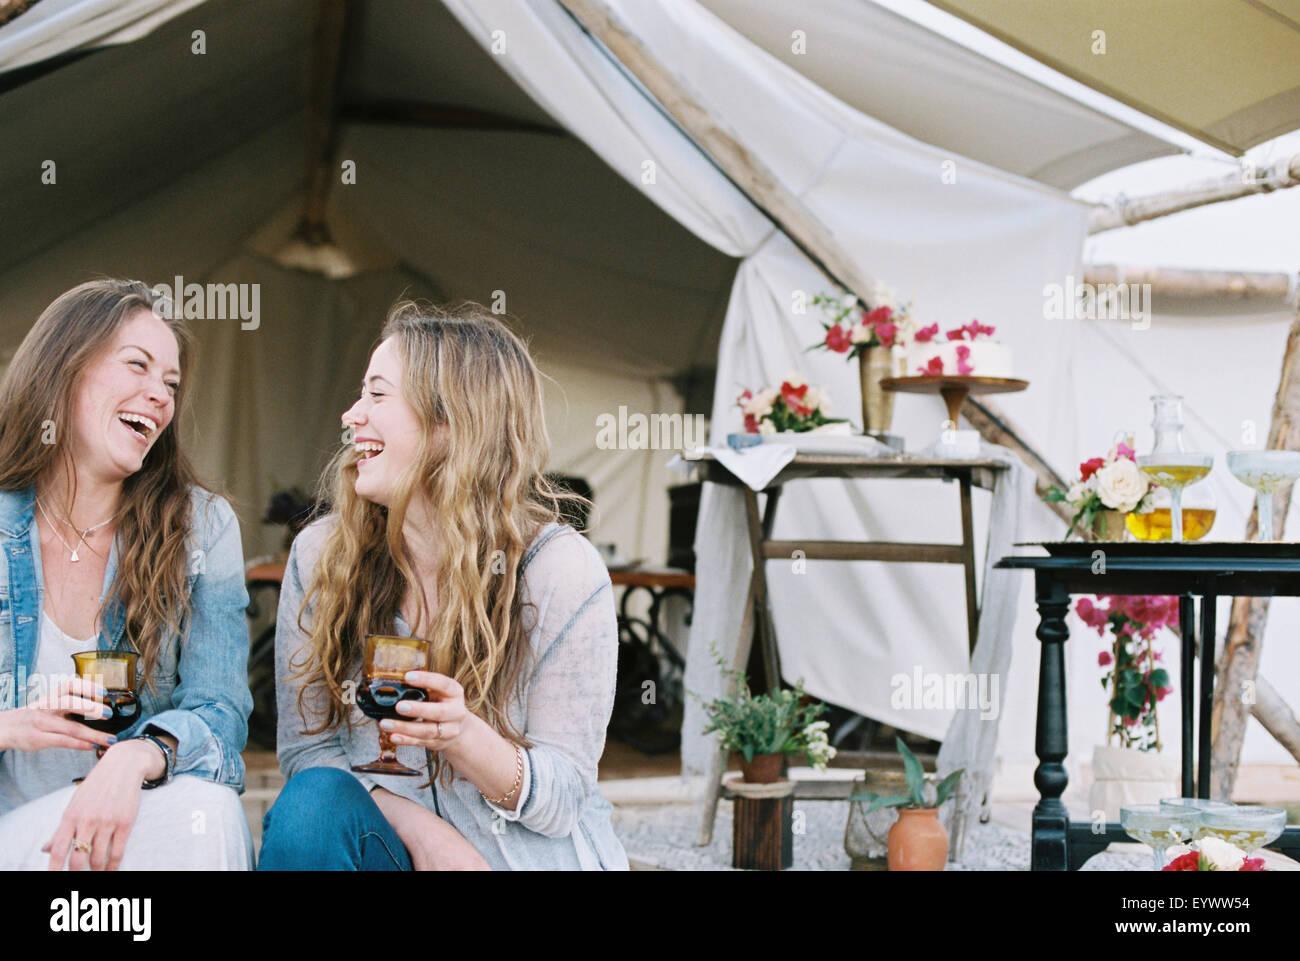 Dos mujeres sentadas sonriente fuera de una tienda de campaña en un desierto, disfrutando de una copa de vino. Imagen De Stock